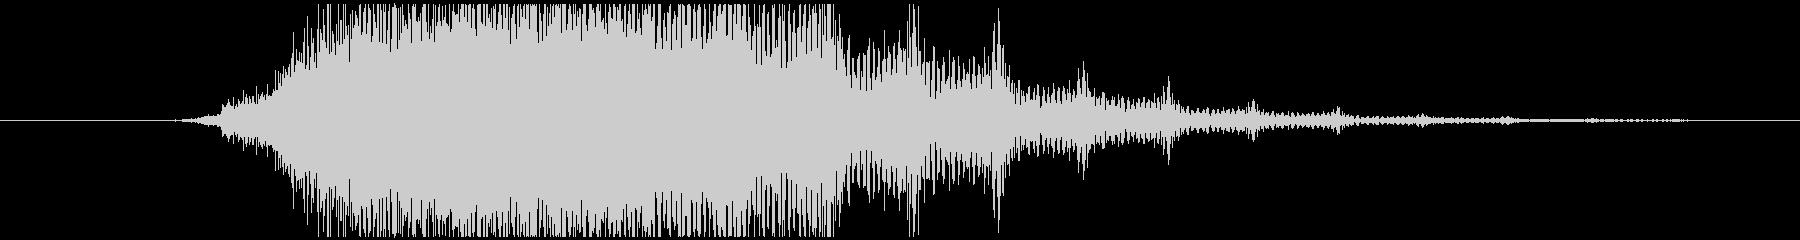 ジャンジャン(ワープ)の未再生の波形